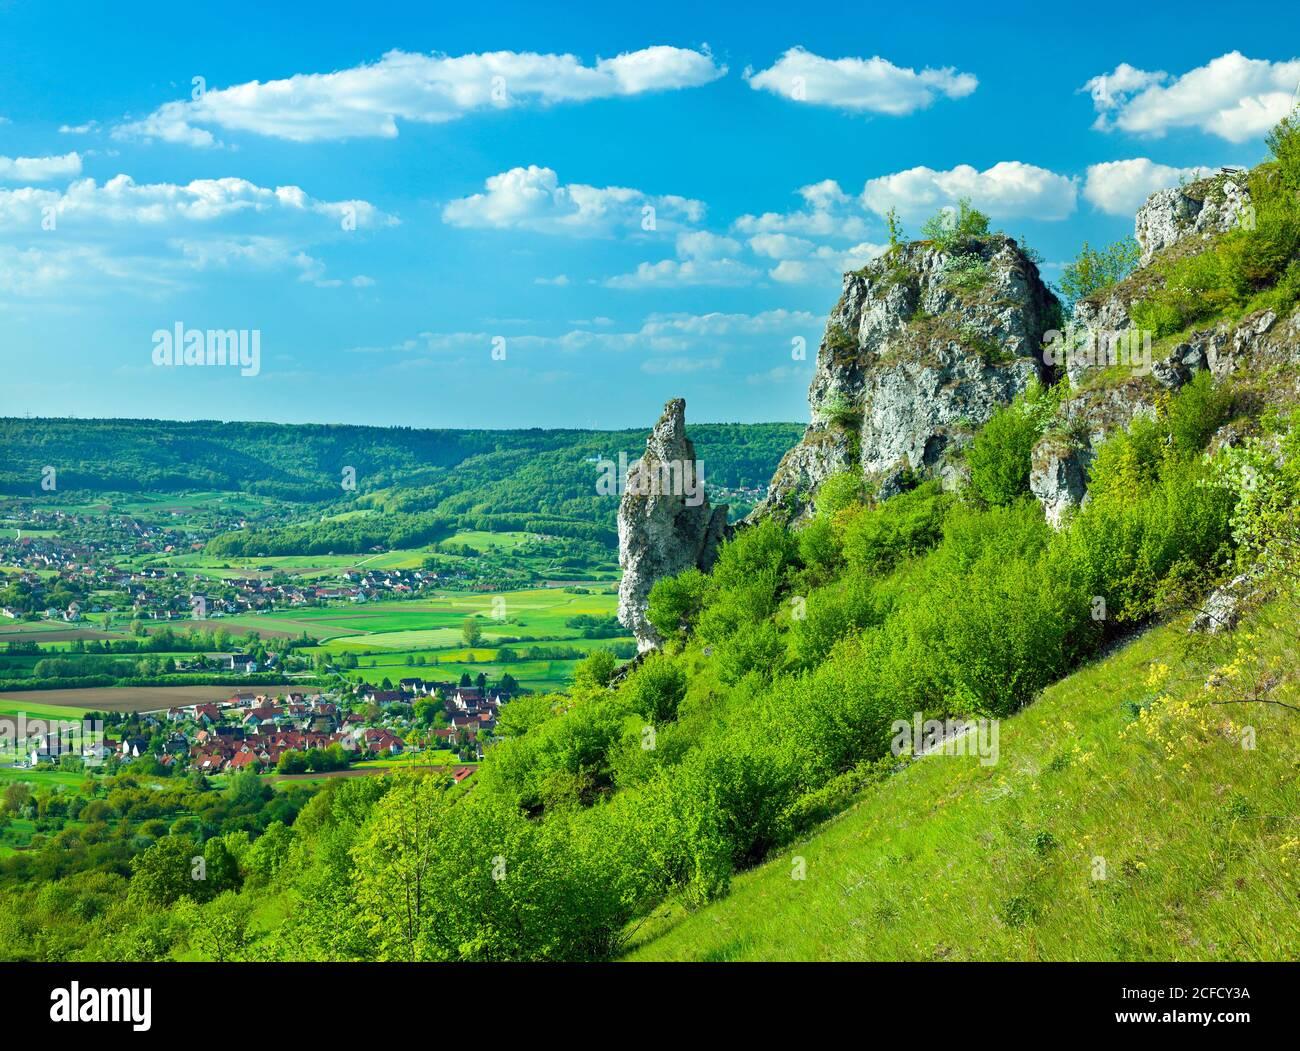 Germany, Bavaria, Kirchehrenbach, landscape, view from Ehrenbürg over the Wiesenttal towards Reifenberg, Franconian Switzerland-Veldensteiner Forest Stock Photo